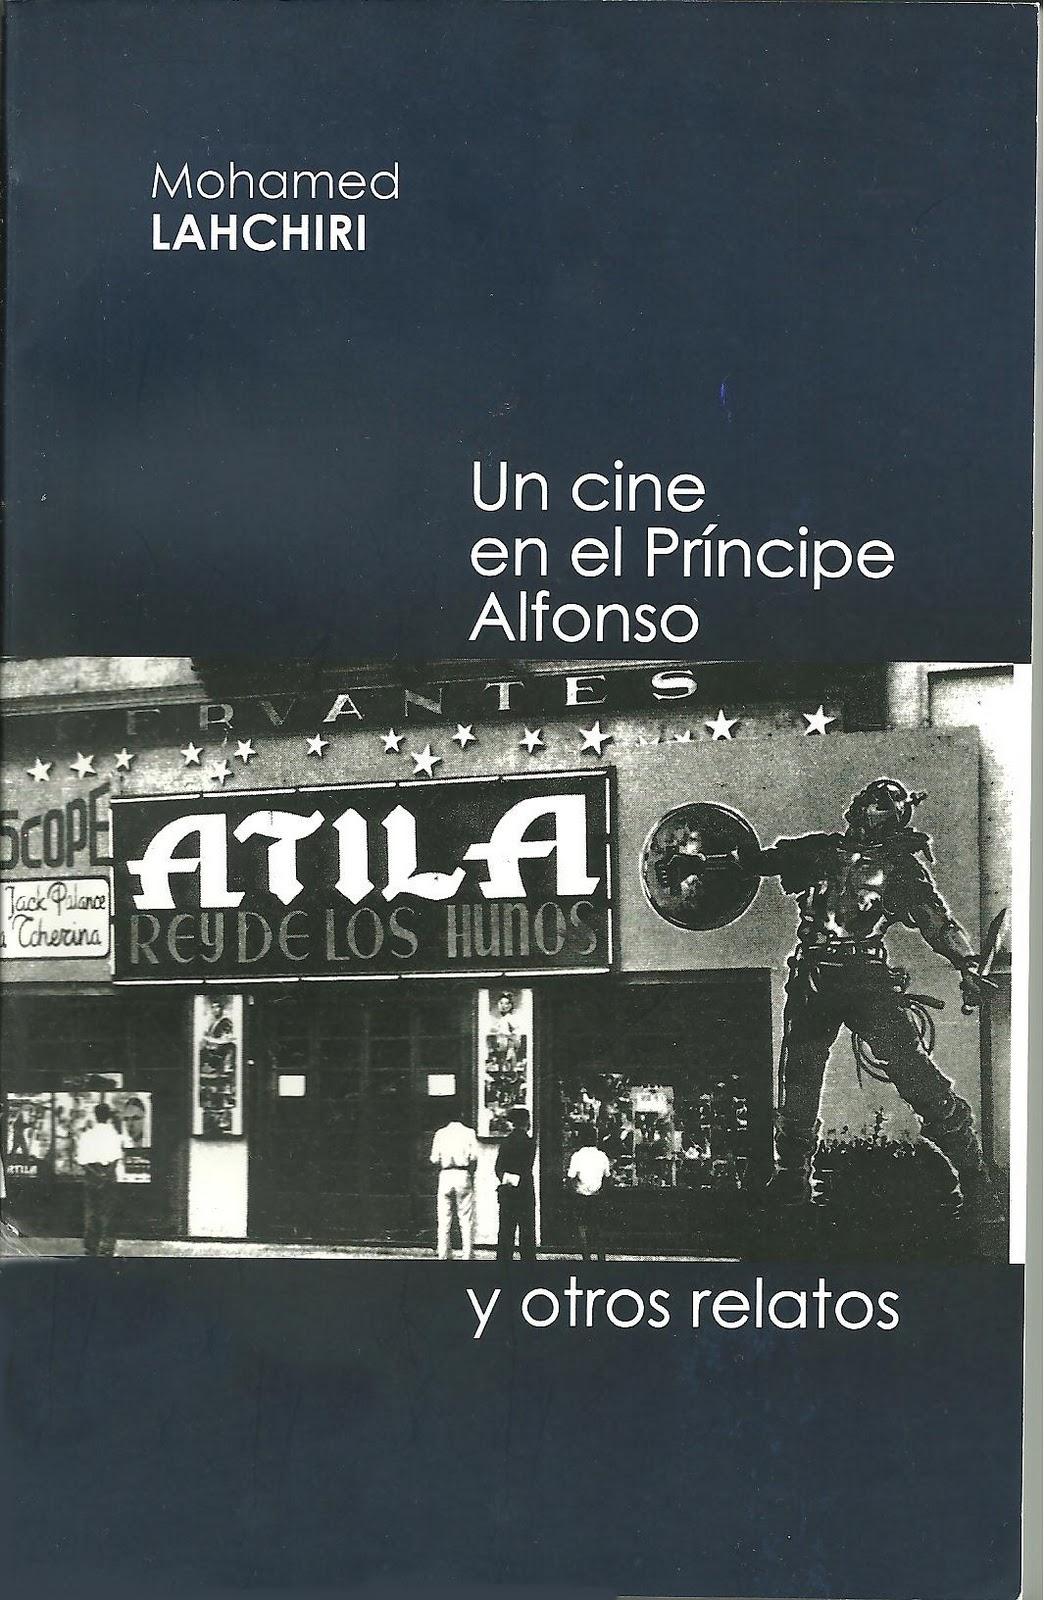 Mohamed Lahchiri - Un cine en el Príncipe Alfonso